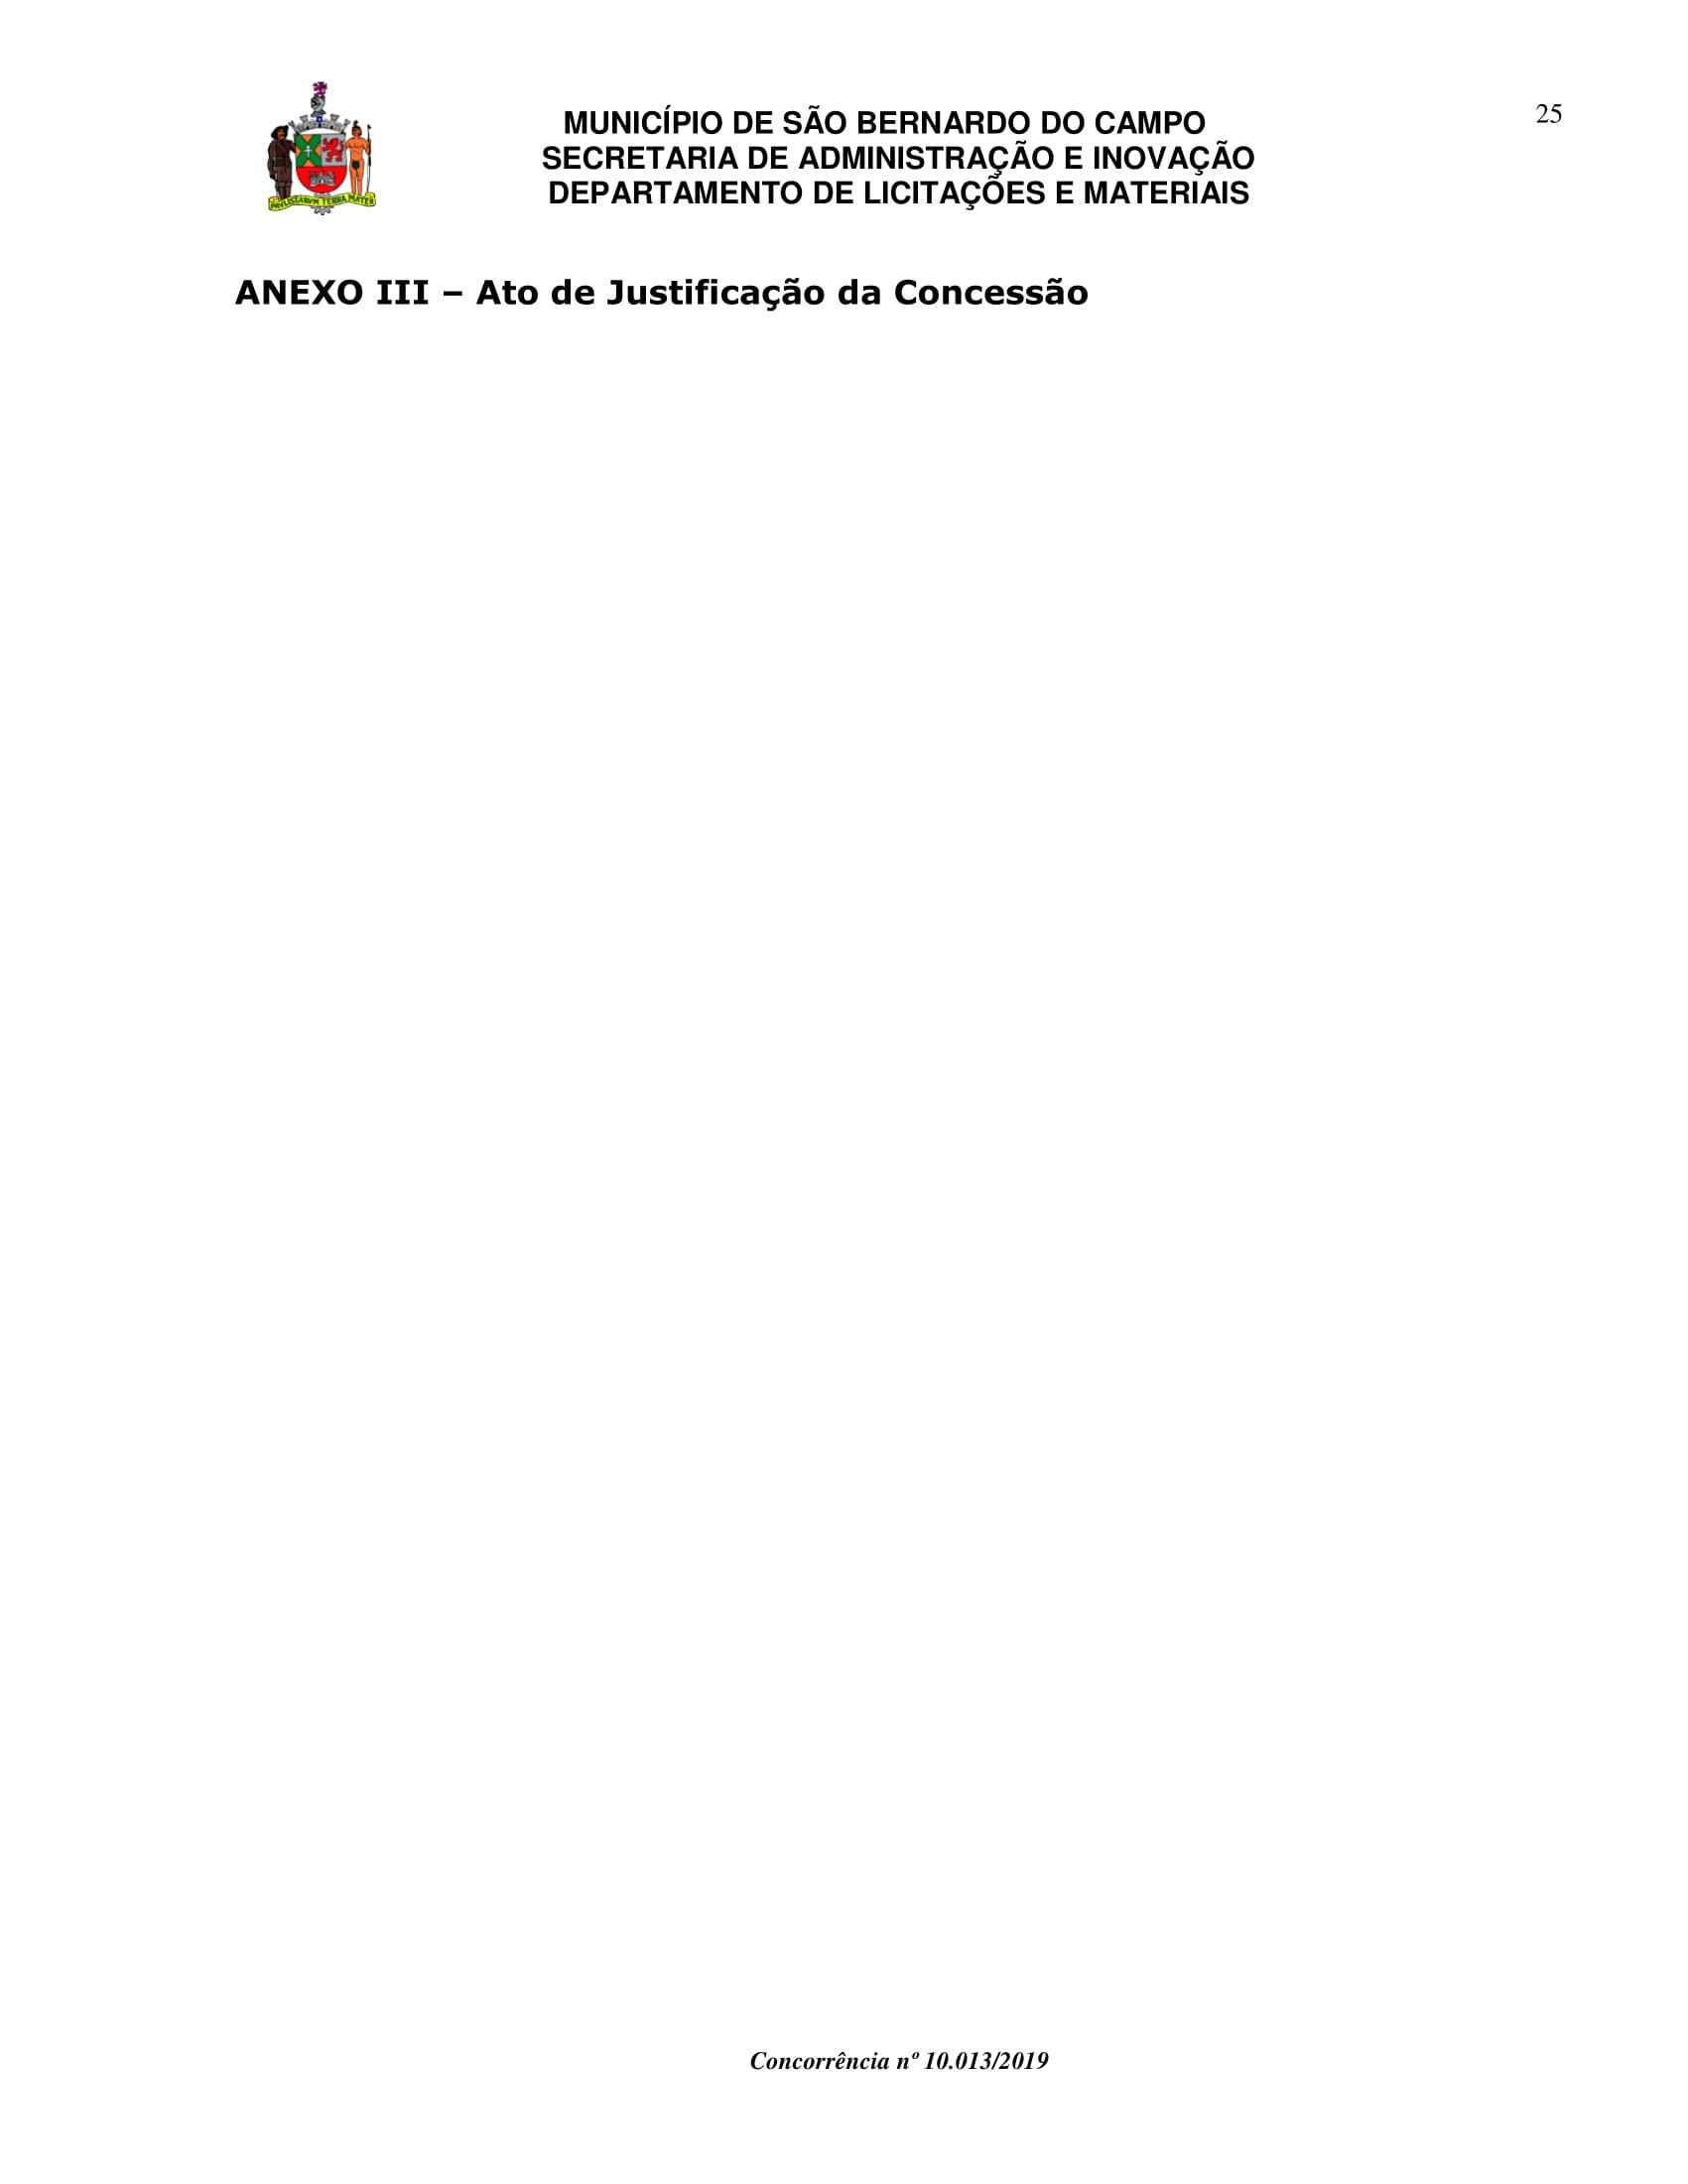 CP.10.013-19 edital-25